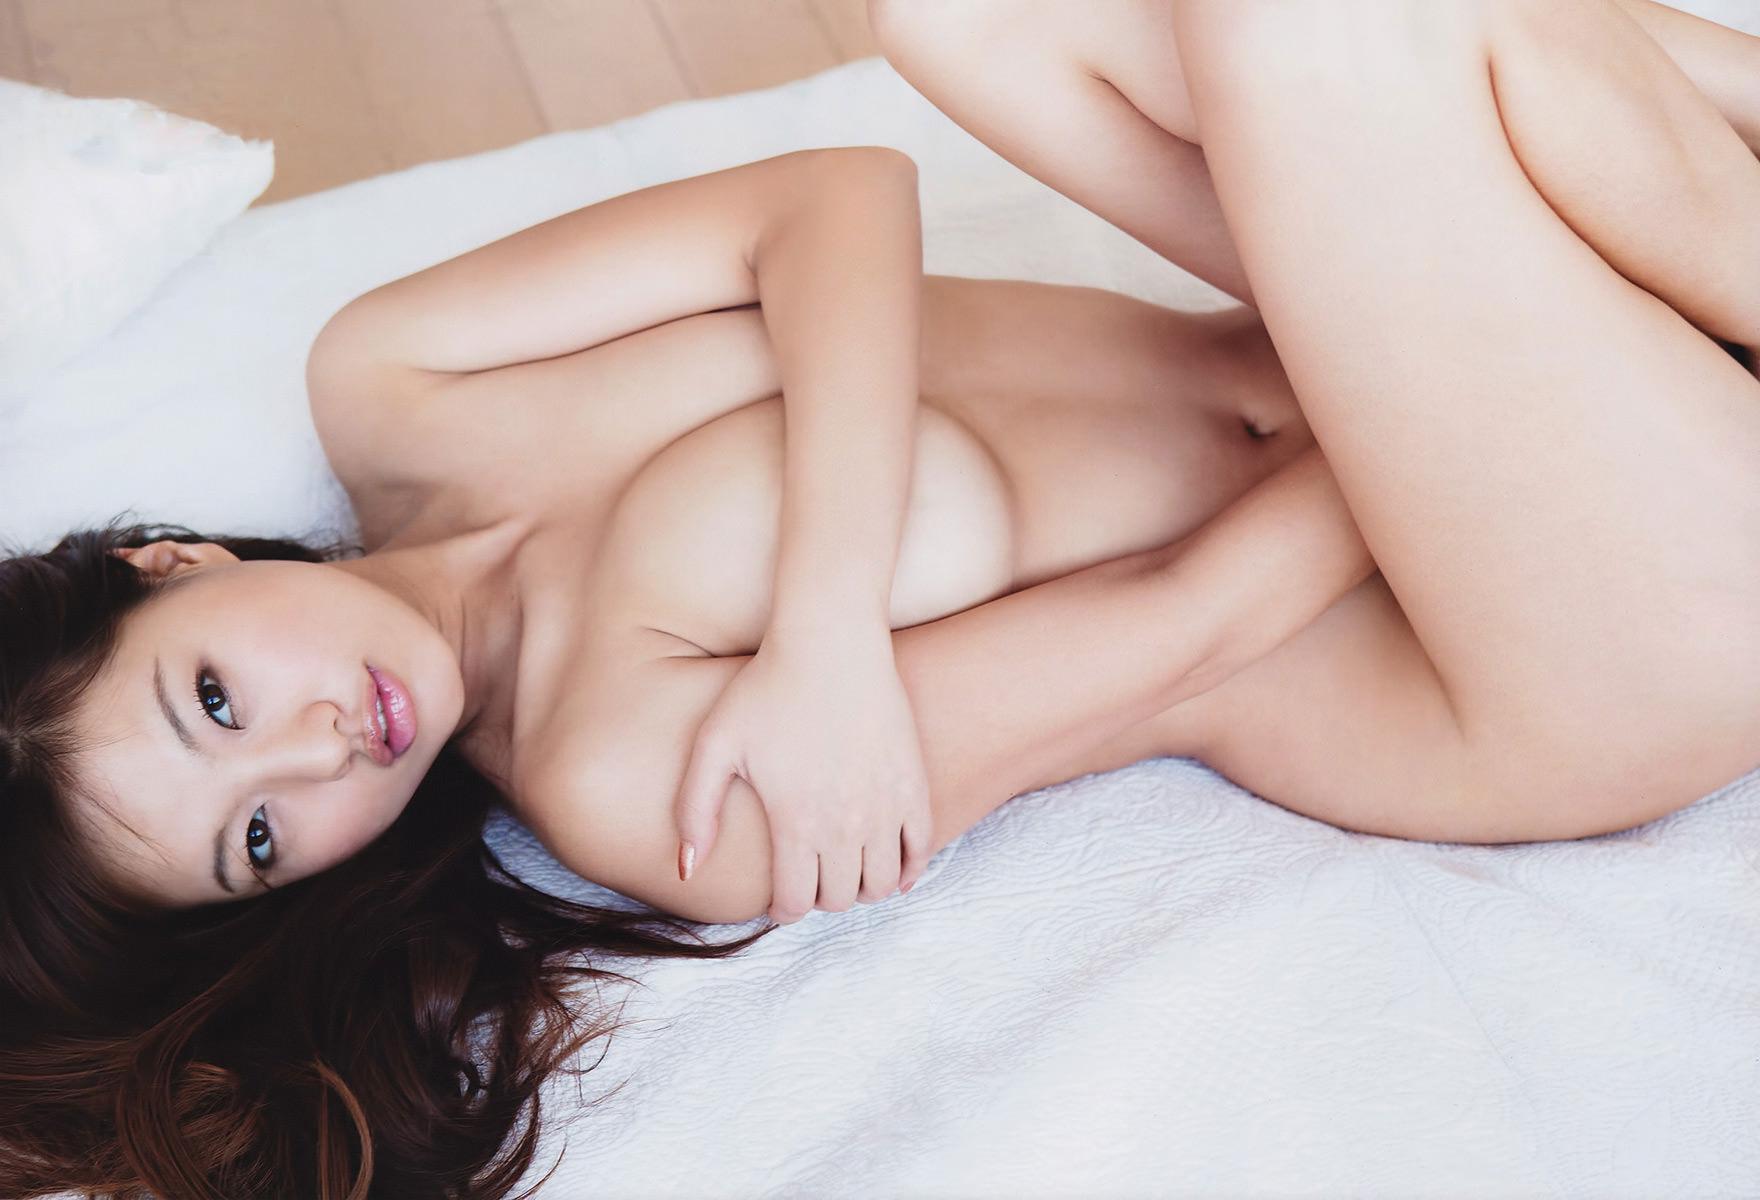 全裸の女の子が手ブラと手パンツで乳首とマ○コをしっかり防御w